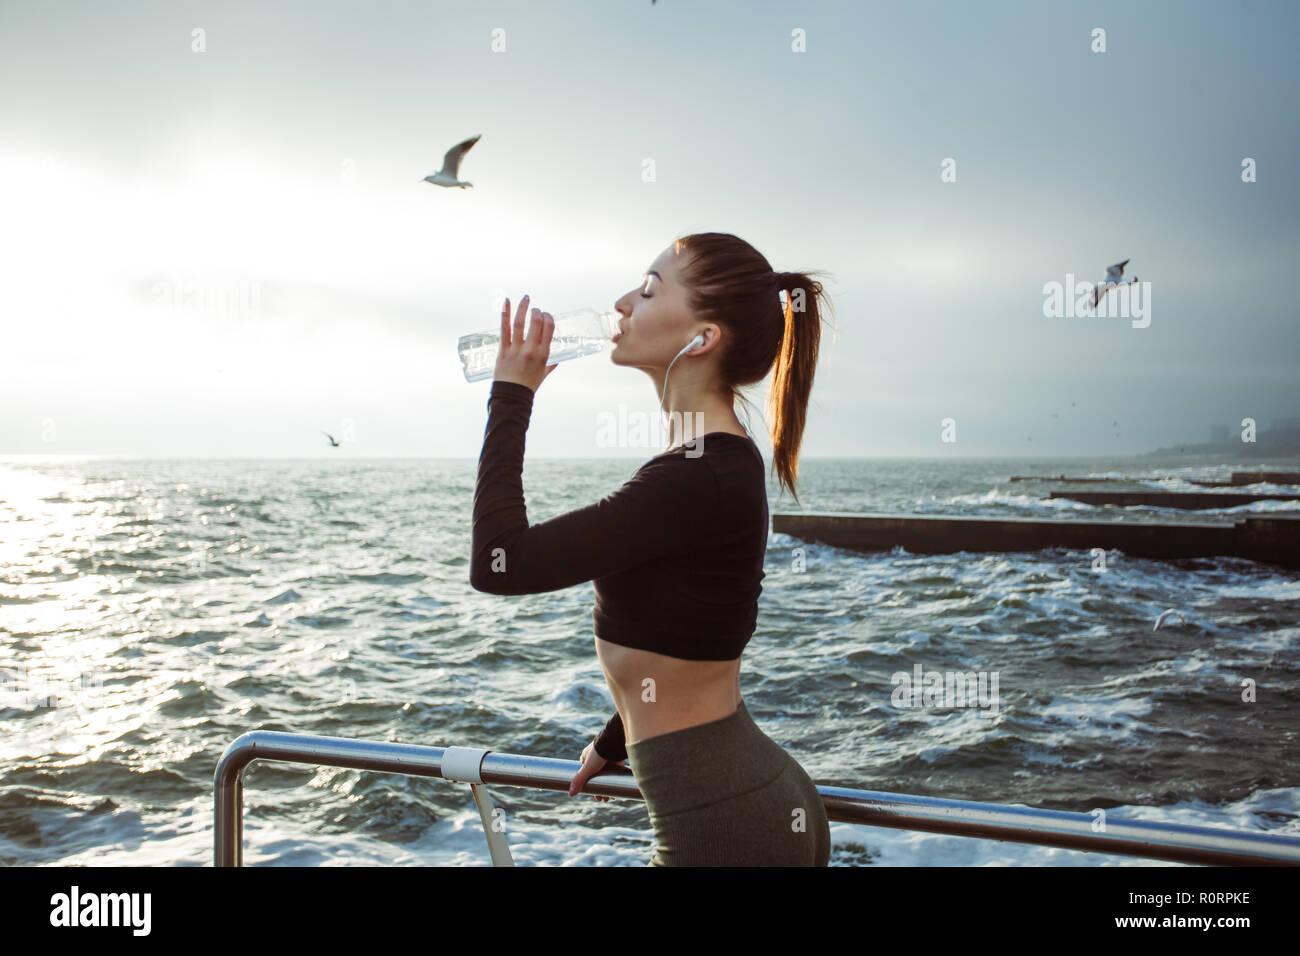 Belle femme athlète remise en forme de l'eau potable au repos après le travail à l'exercice sur la plage Banque D'Images